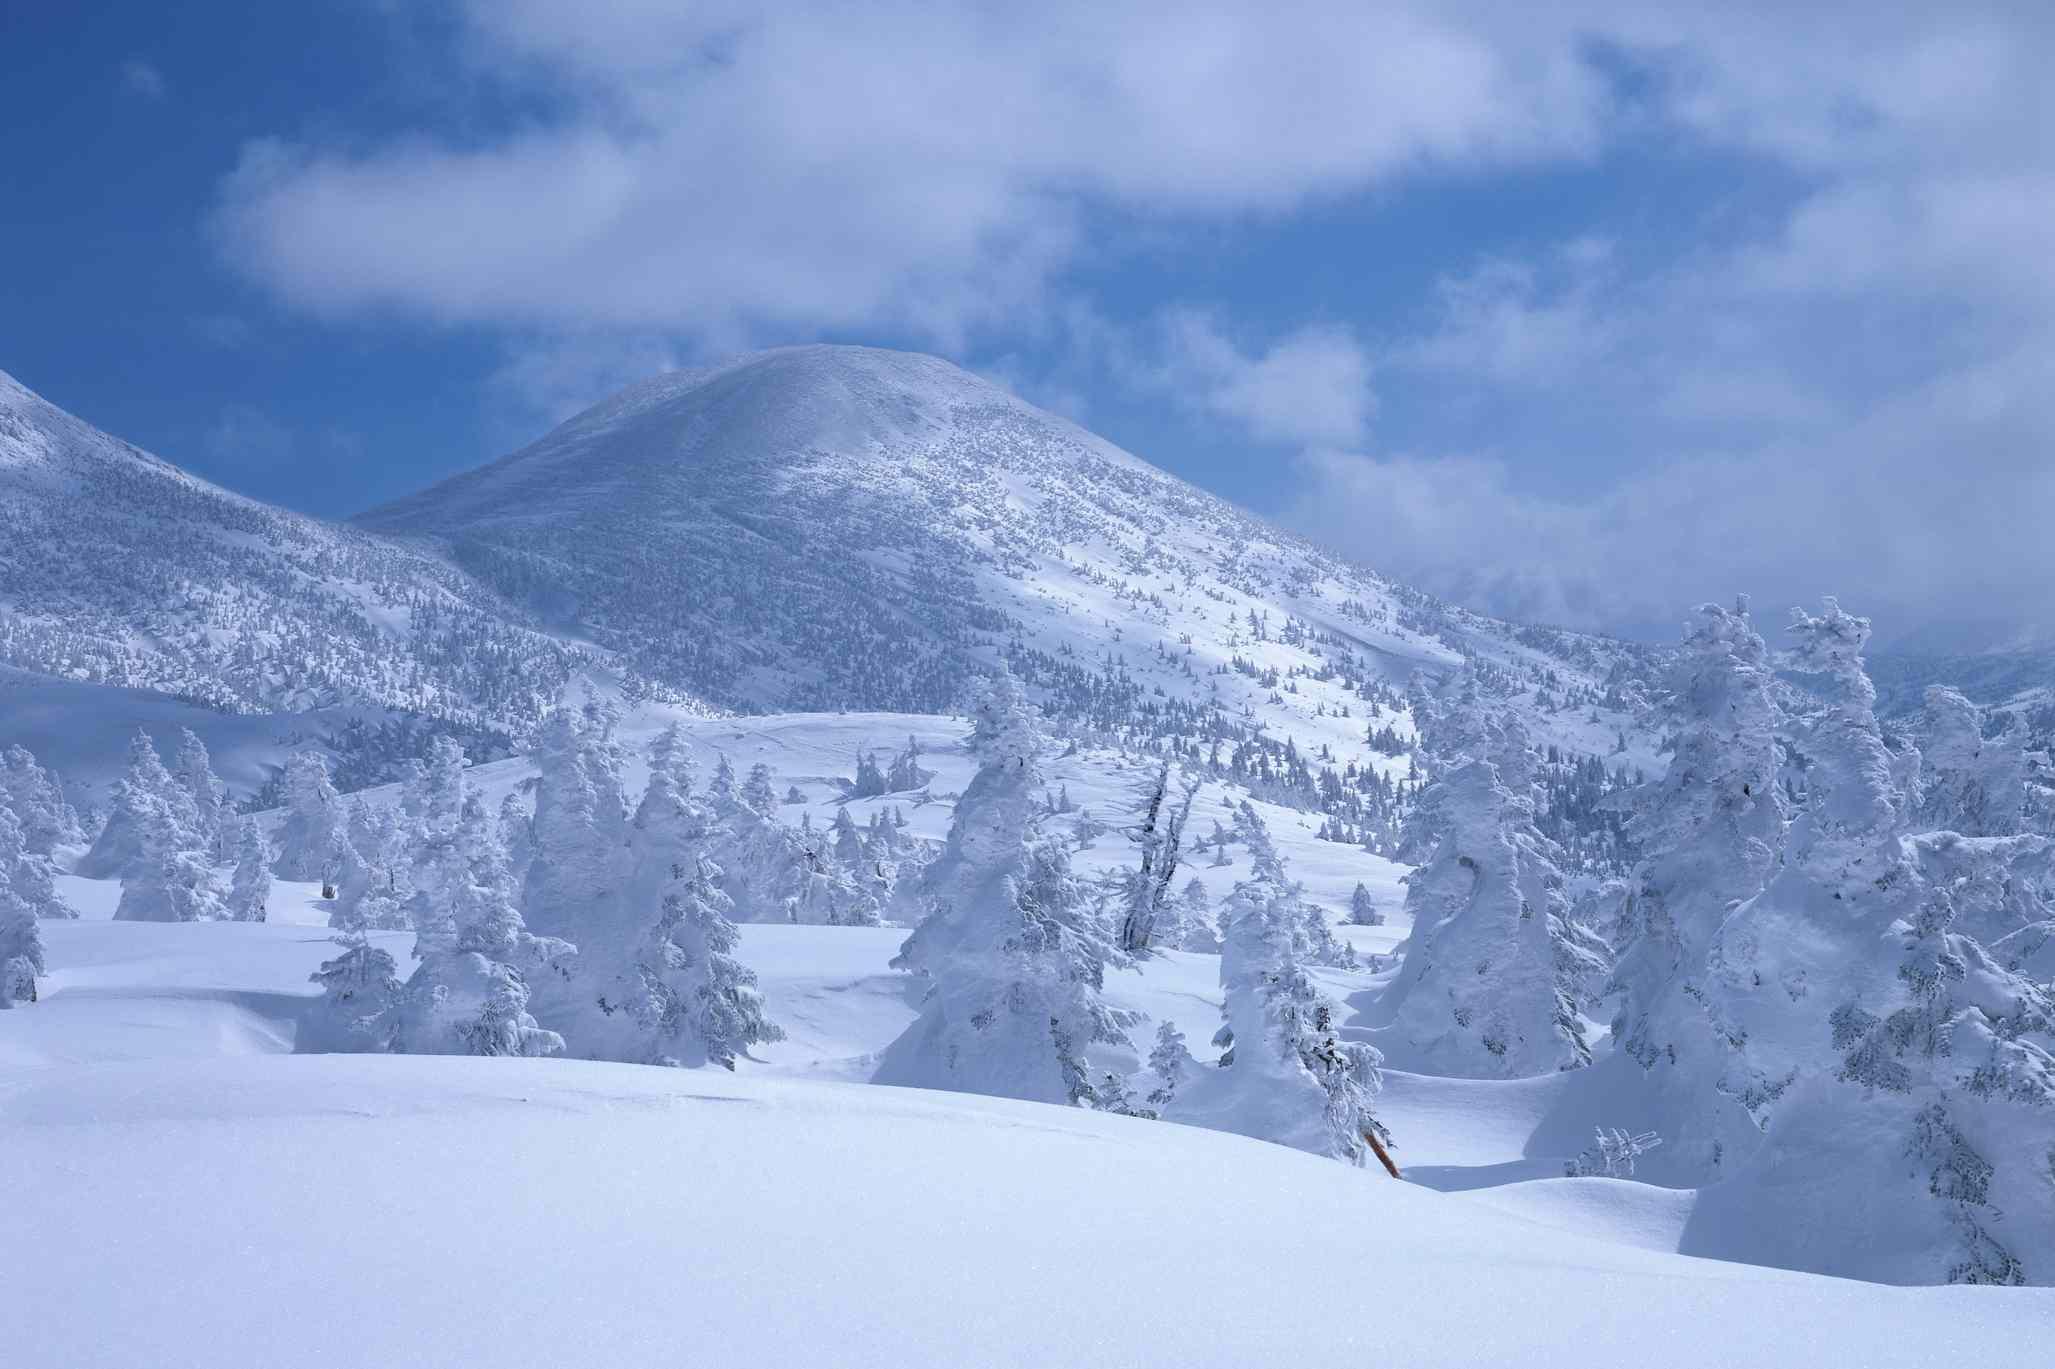 Snowy Mt. Hakkoda and forest in Aomori City